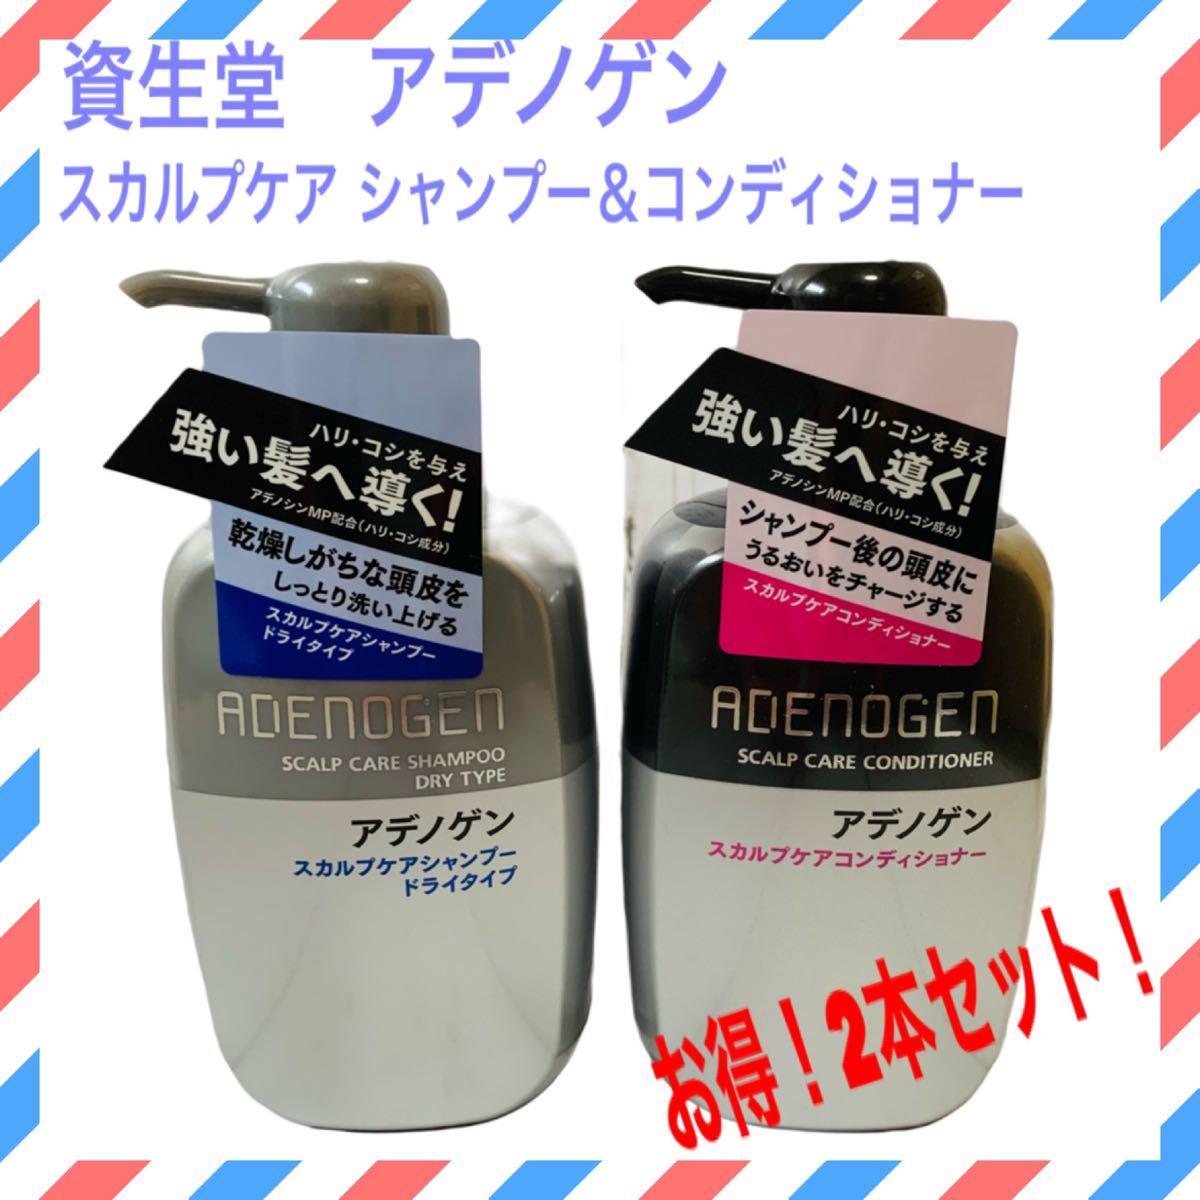 [日本製] 資生堂 アデノゲン スカルプケアシャンプー&コンディショナー セット